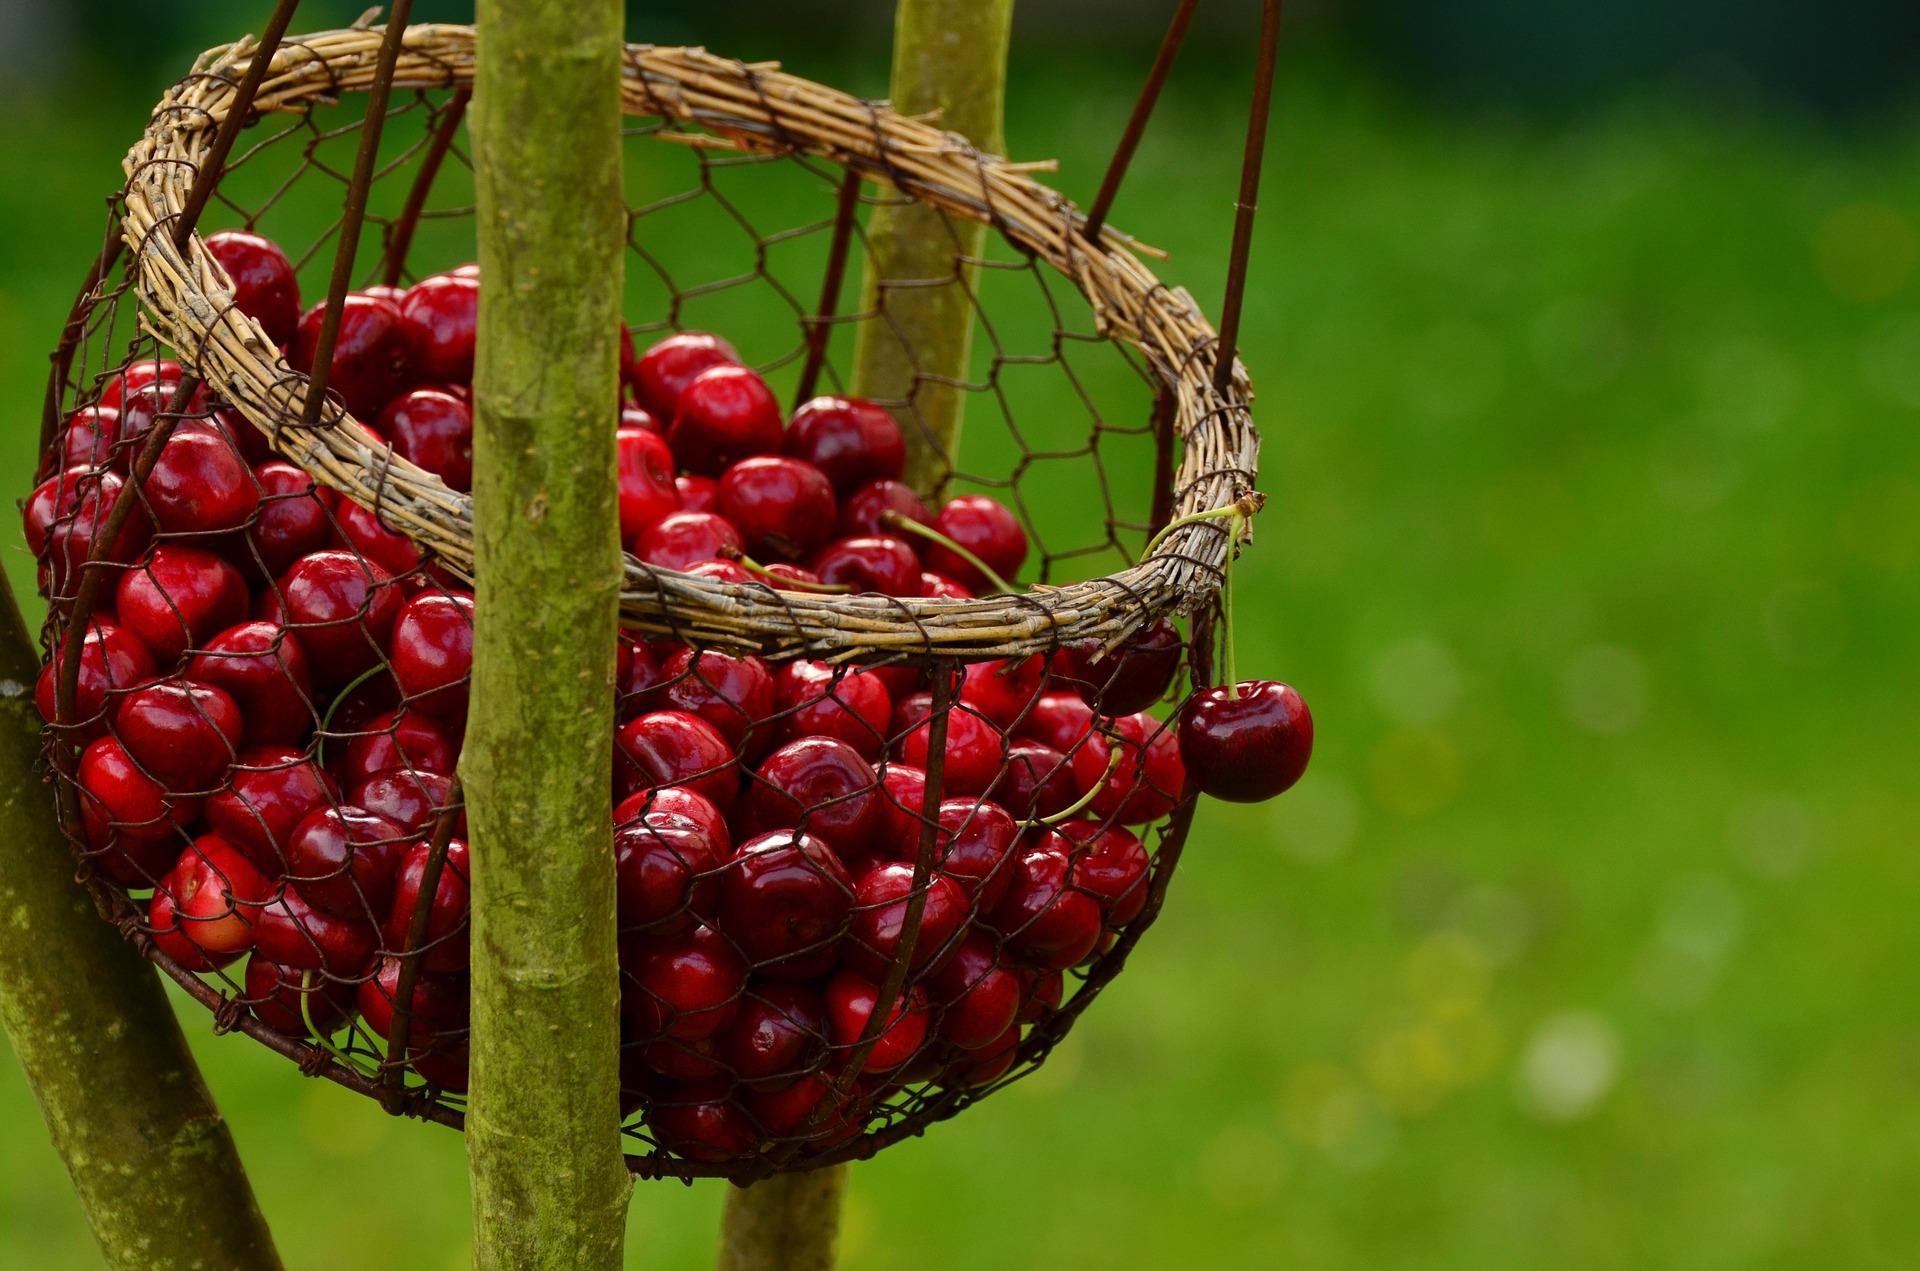 cherries-1503974_1920